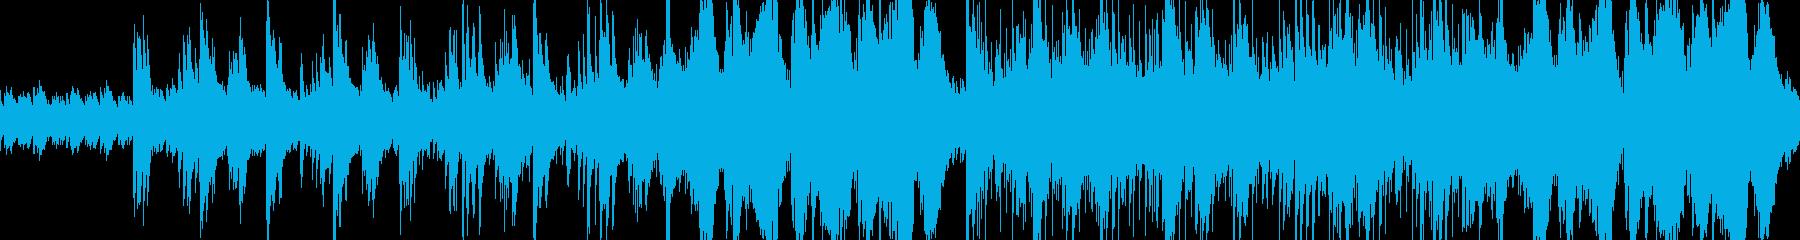 【ループ】アコギ&ピアノの爽やかなBGMの再生済みの波形